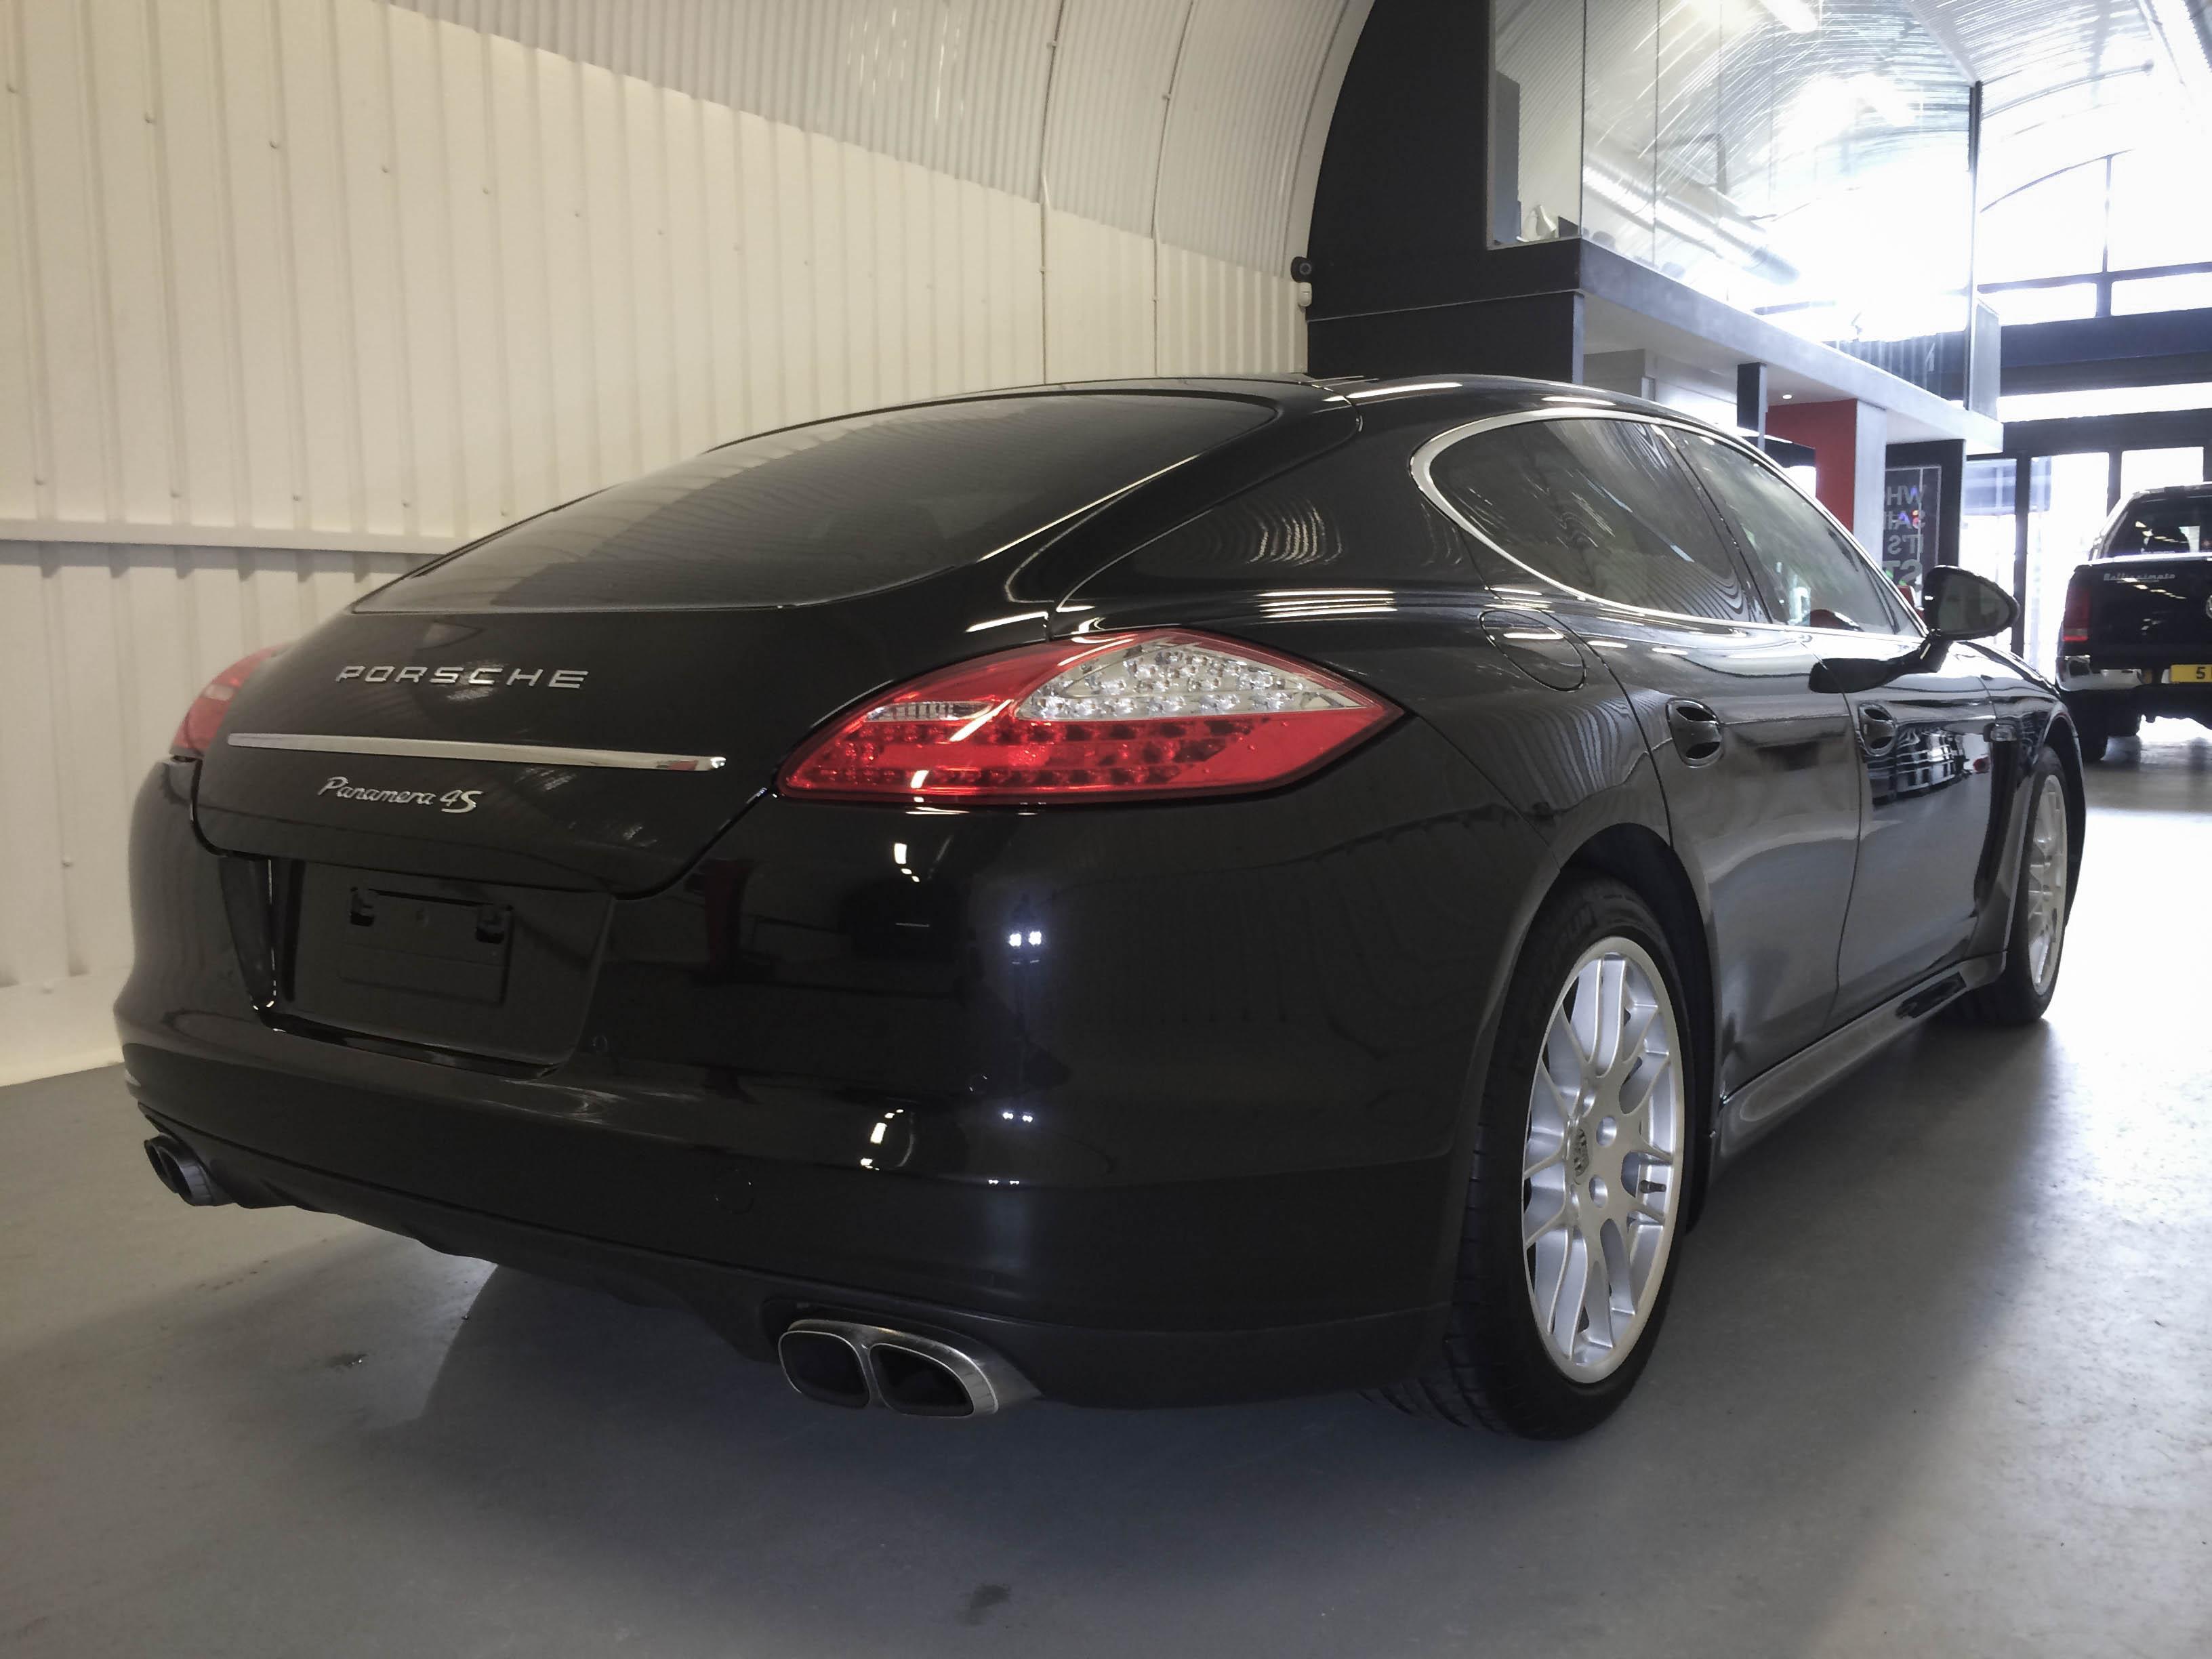 Porsche Panamera – Rear